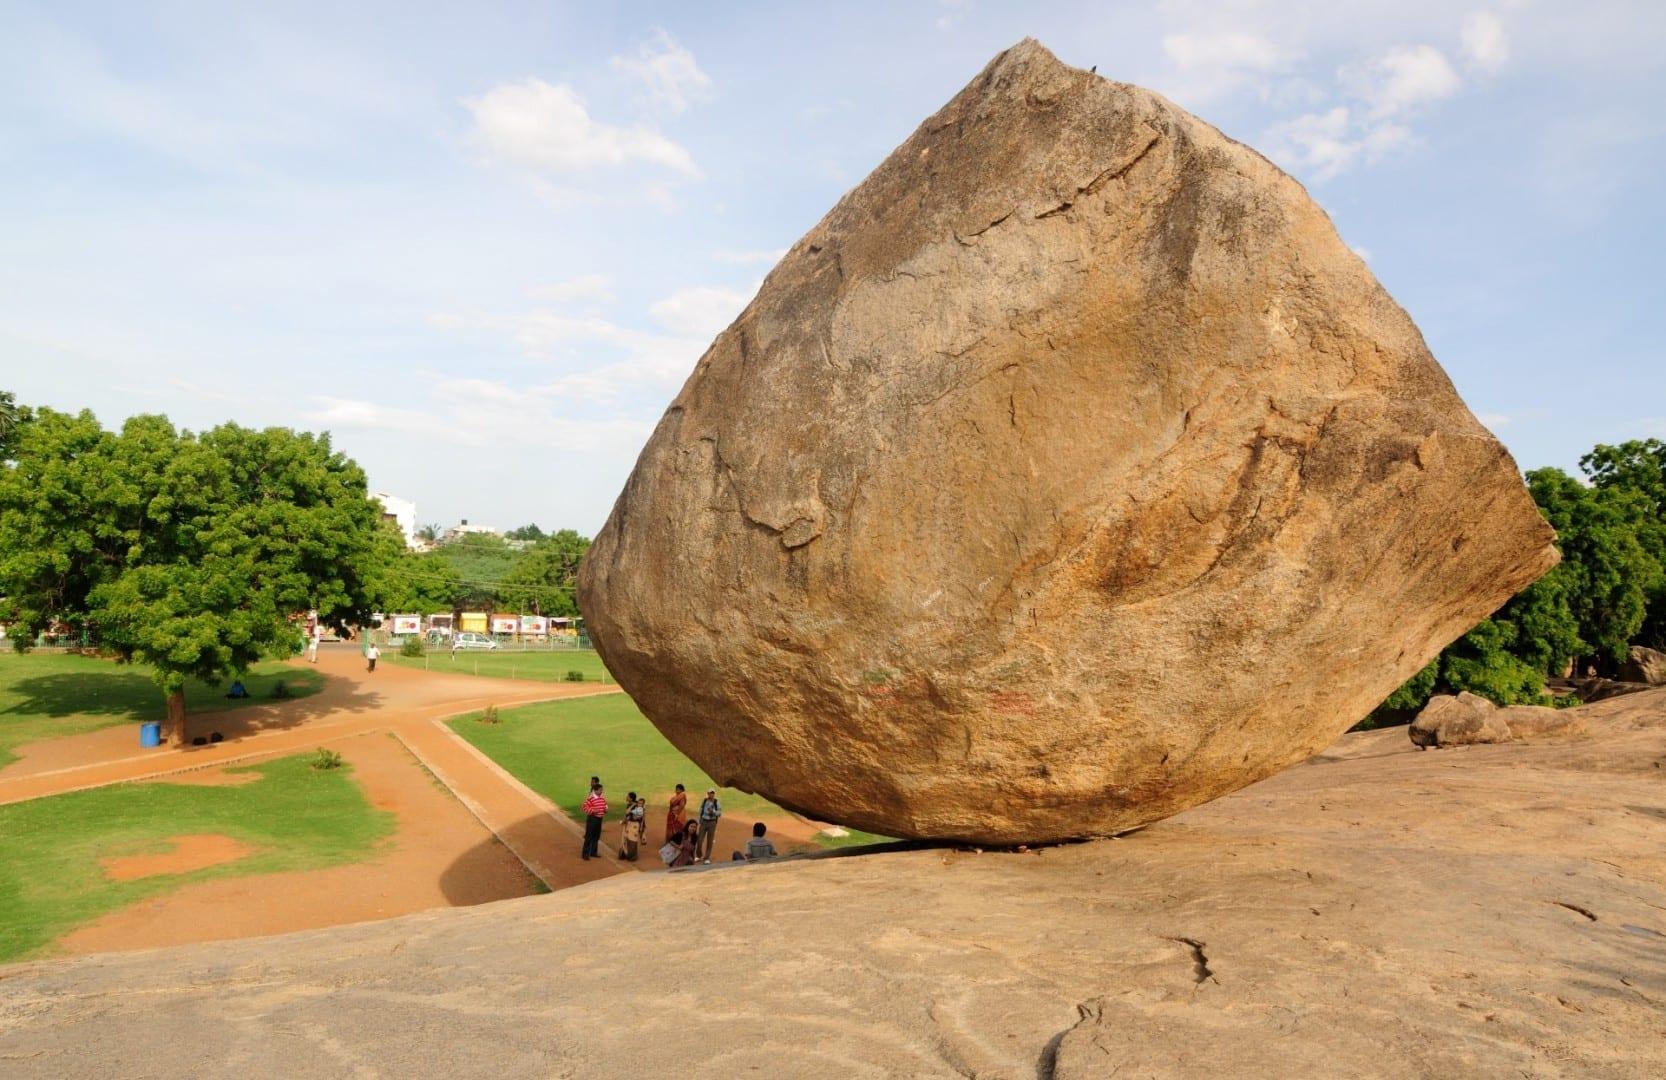 La bola de mantequilla de Krishna Mamallapuram-Mahabalipuram India